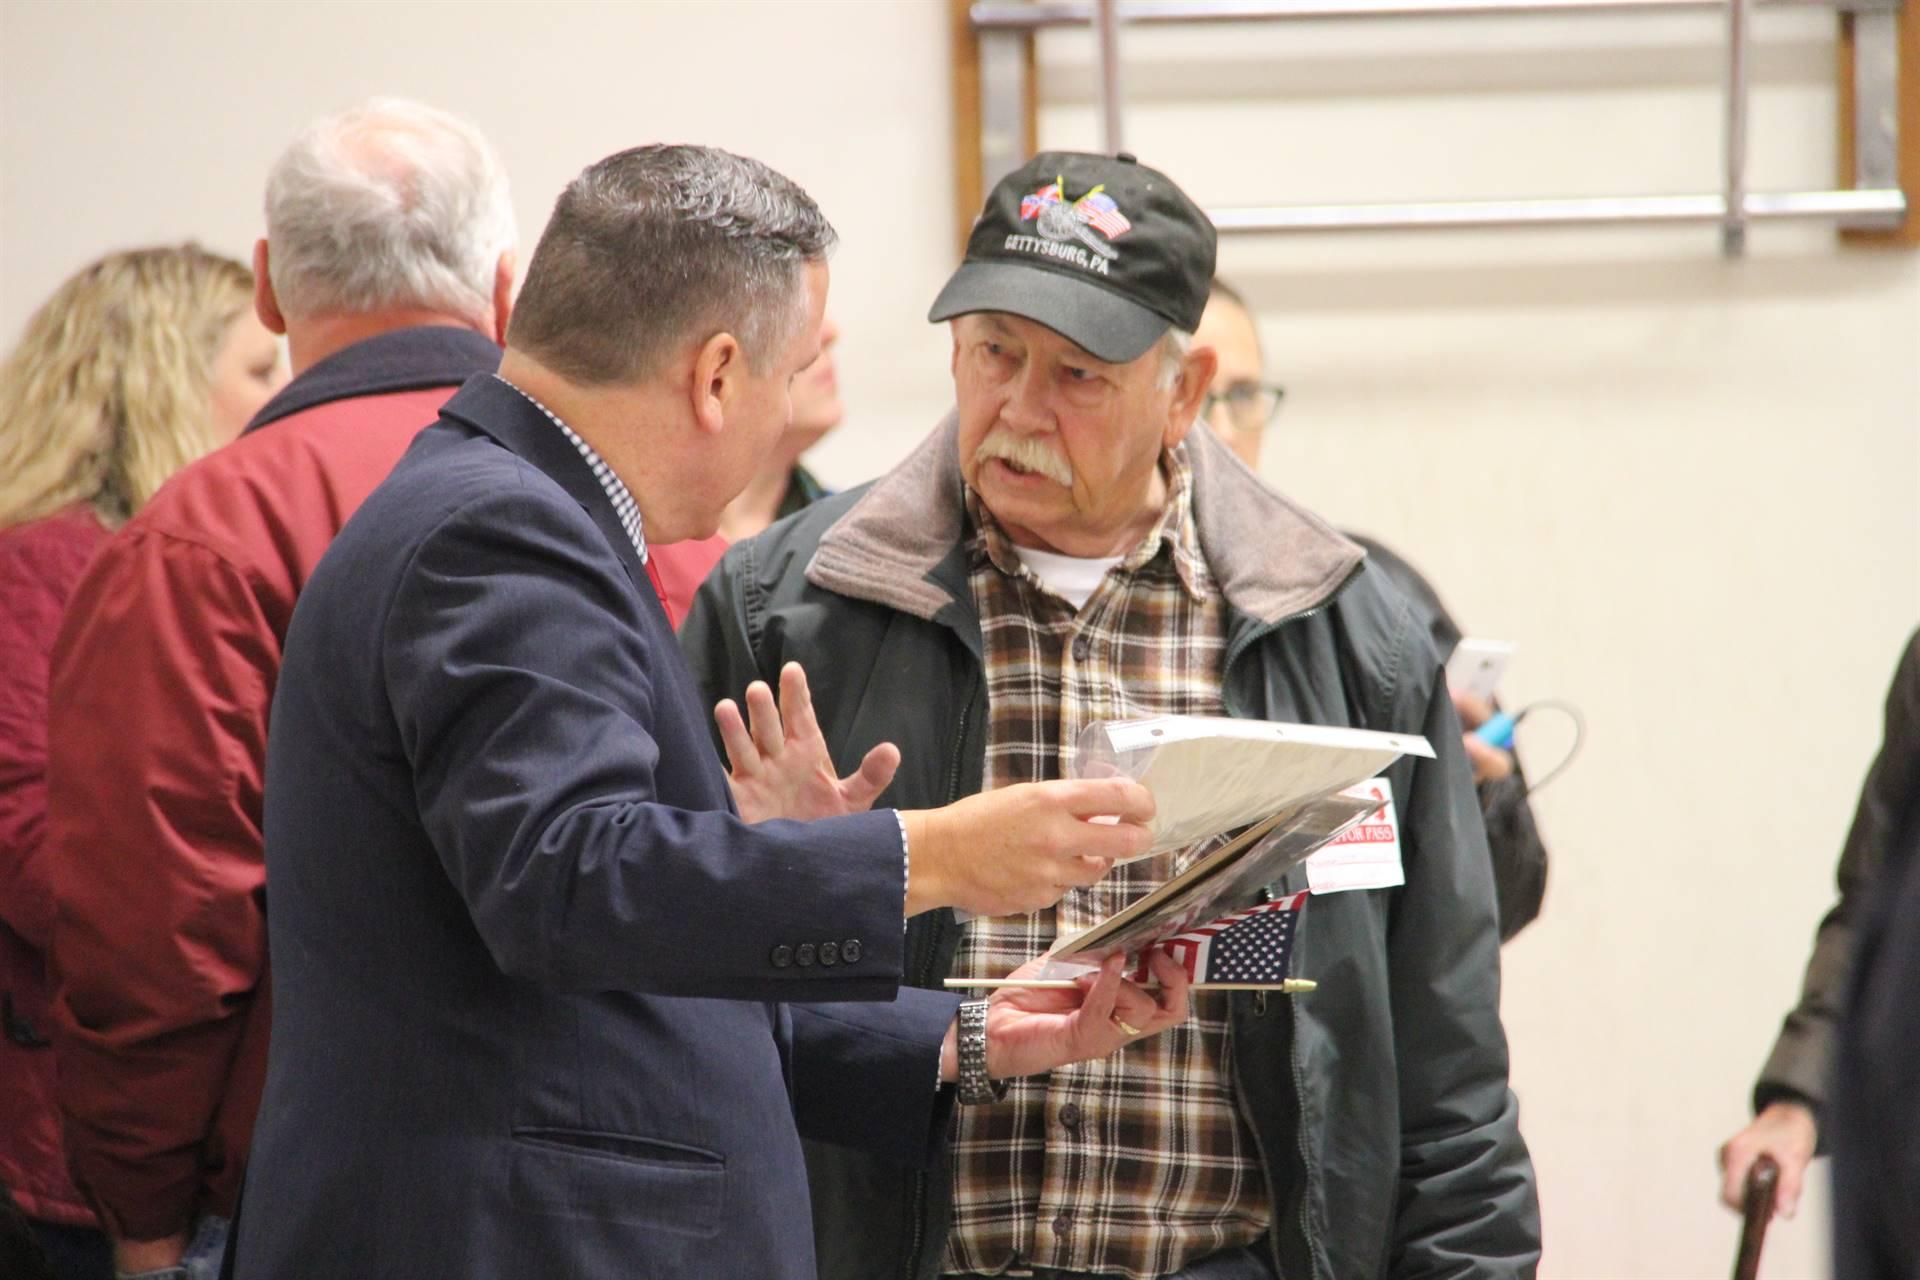 mister gill talking to veteran